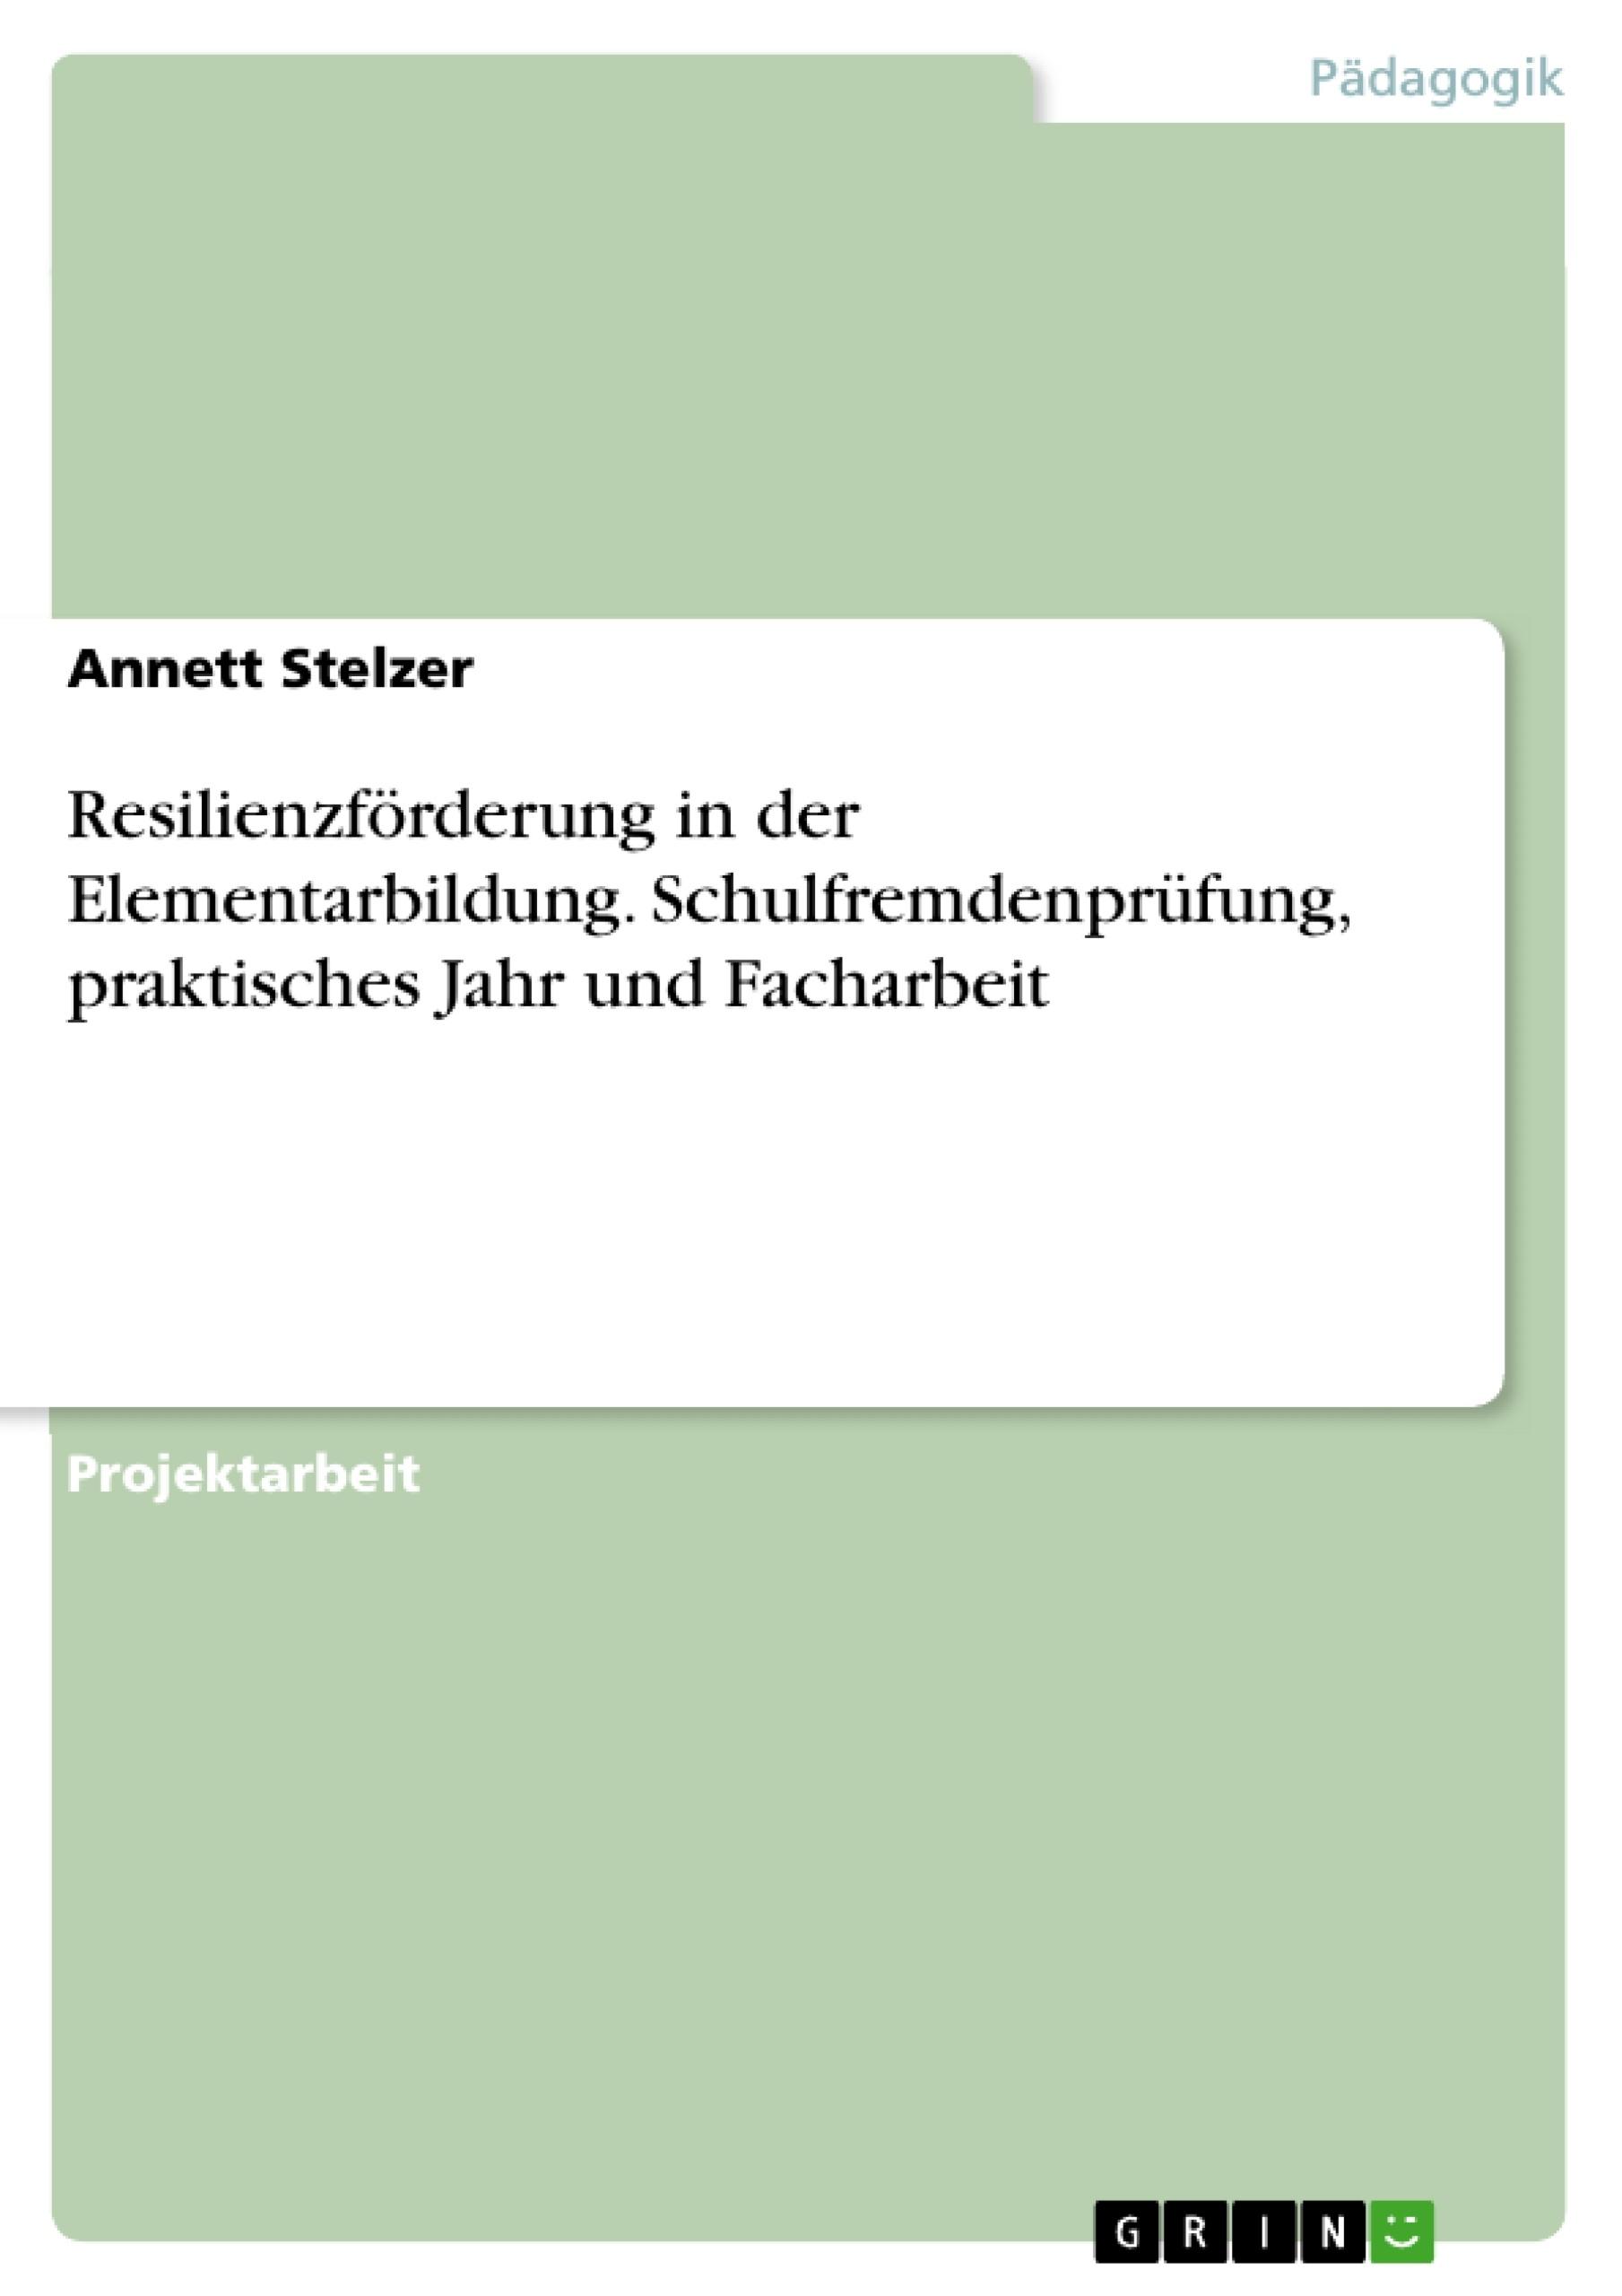 Resilienzförderung in der Elementarbildung. Schulfremdenprüfung ...